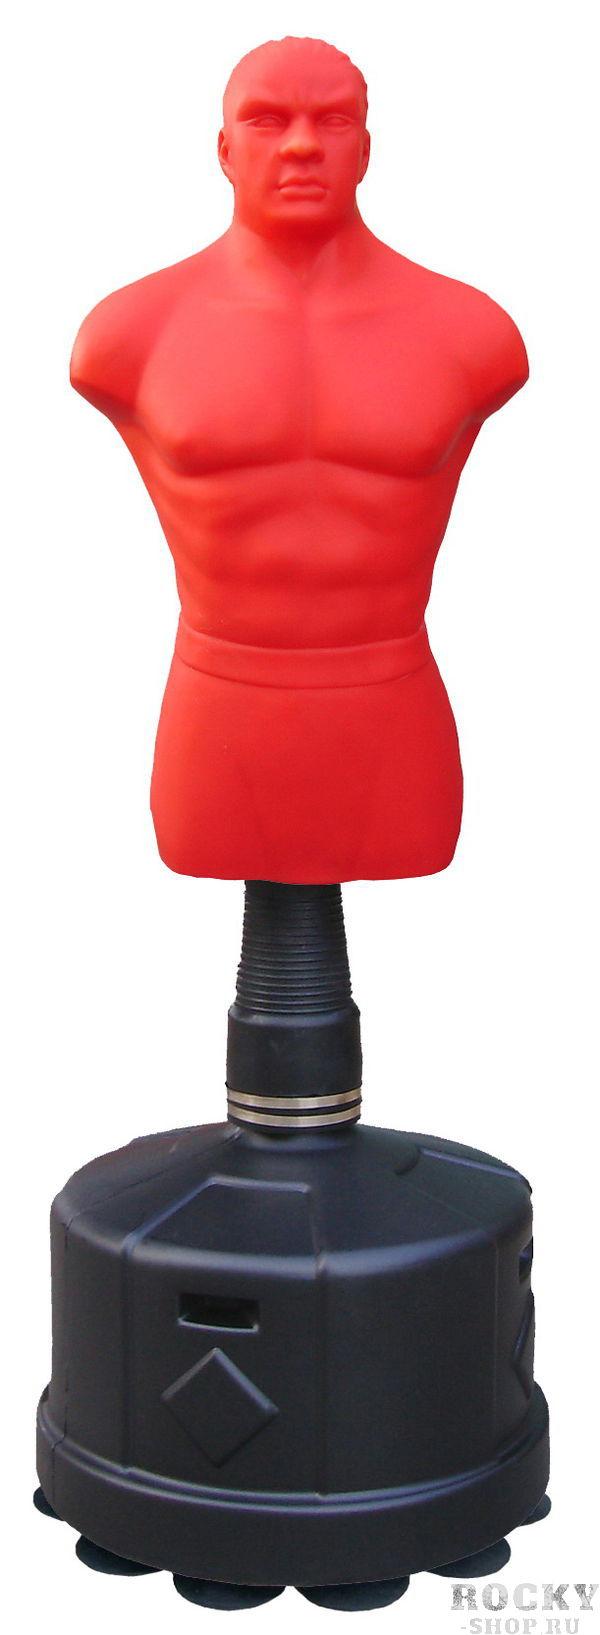 Боксерский манекен водоналивной STATUS 166, 172-182 см STATUS BoxingСнаряды для бокса<br>Водоналивной манекен для бокса с регулируемой высотой от 172 до 182 смМанекен сделан из высокоплотной уретановой пены покрытой снаружи пластизолем. Высота корпуса рабочей части 98 смДиаметр основания 62 смОснование можно заполнить водой или пеком. При заполнении водой вес основания 115 кг, песком 160 кг. Материал - пластизольПростота в установке и использовании<br><br>Цвет: Телесный